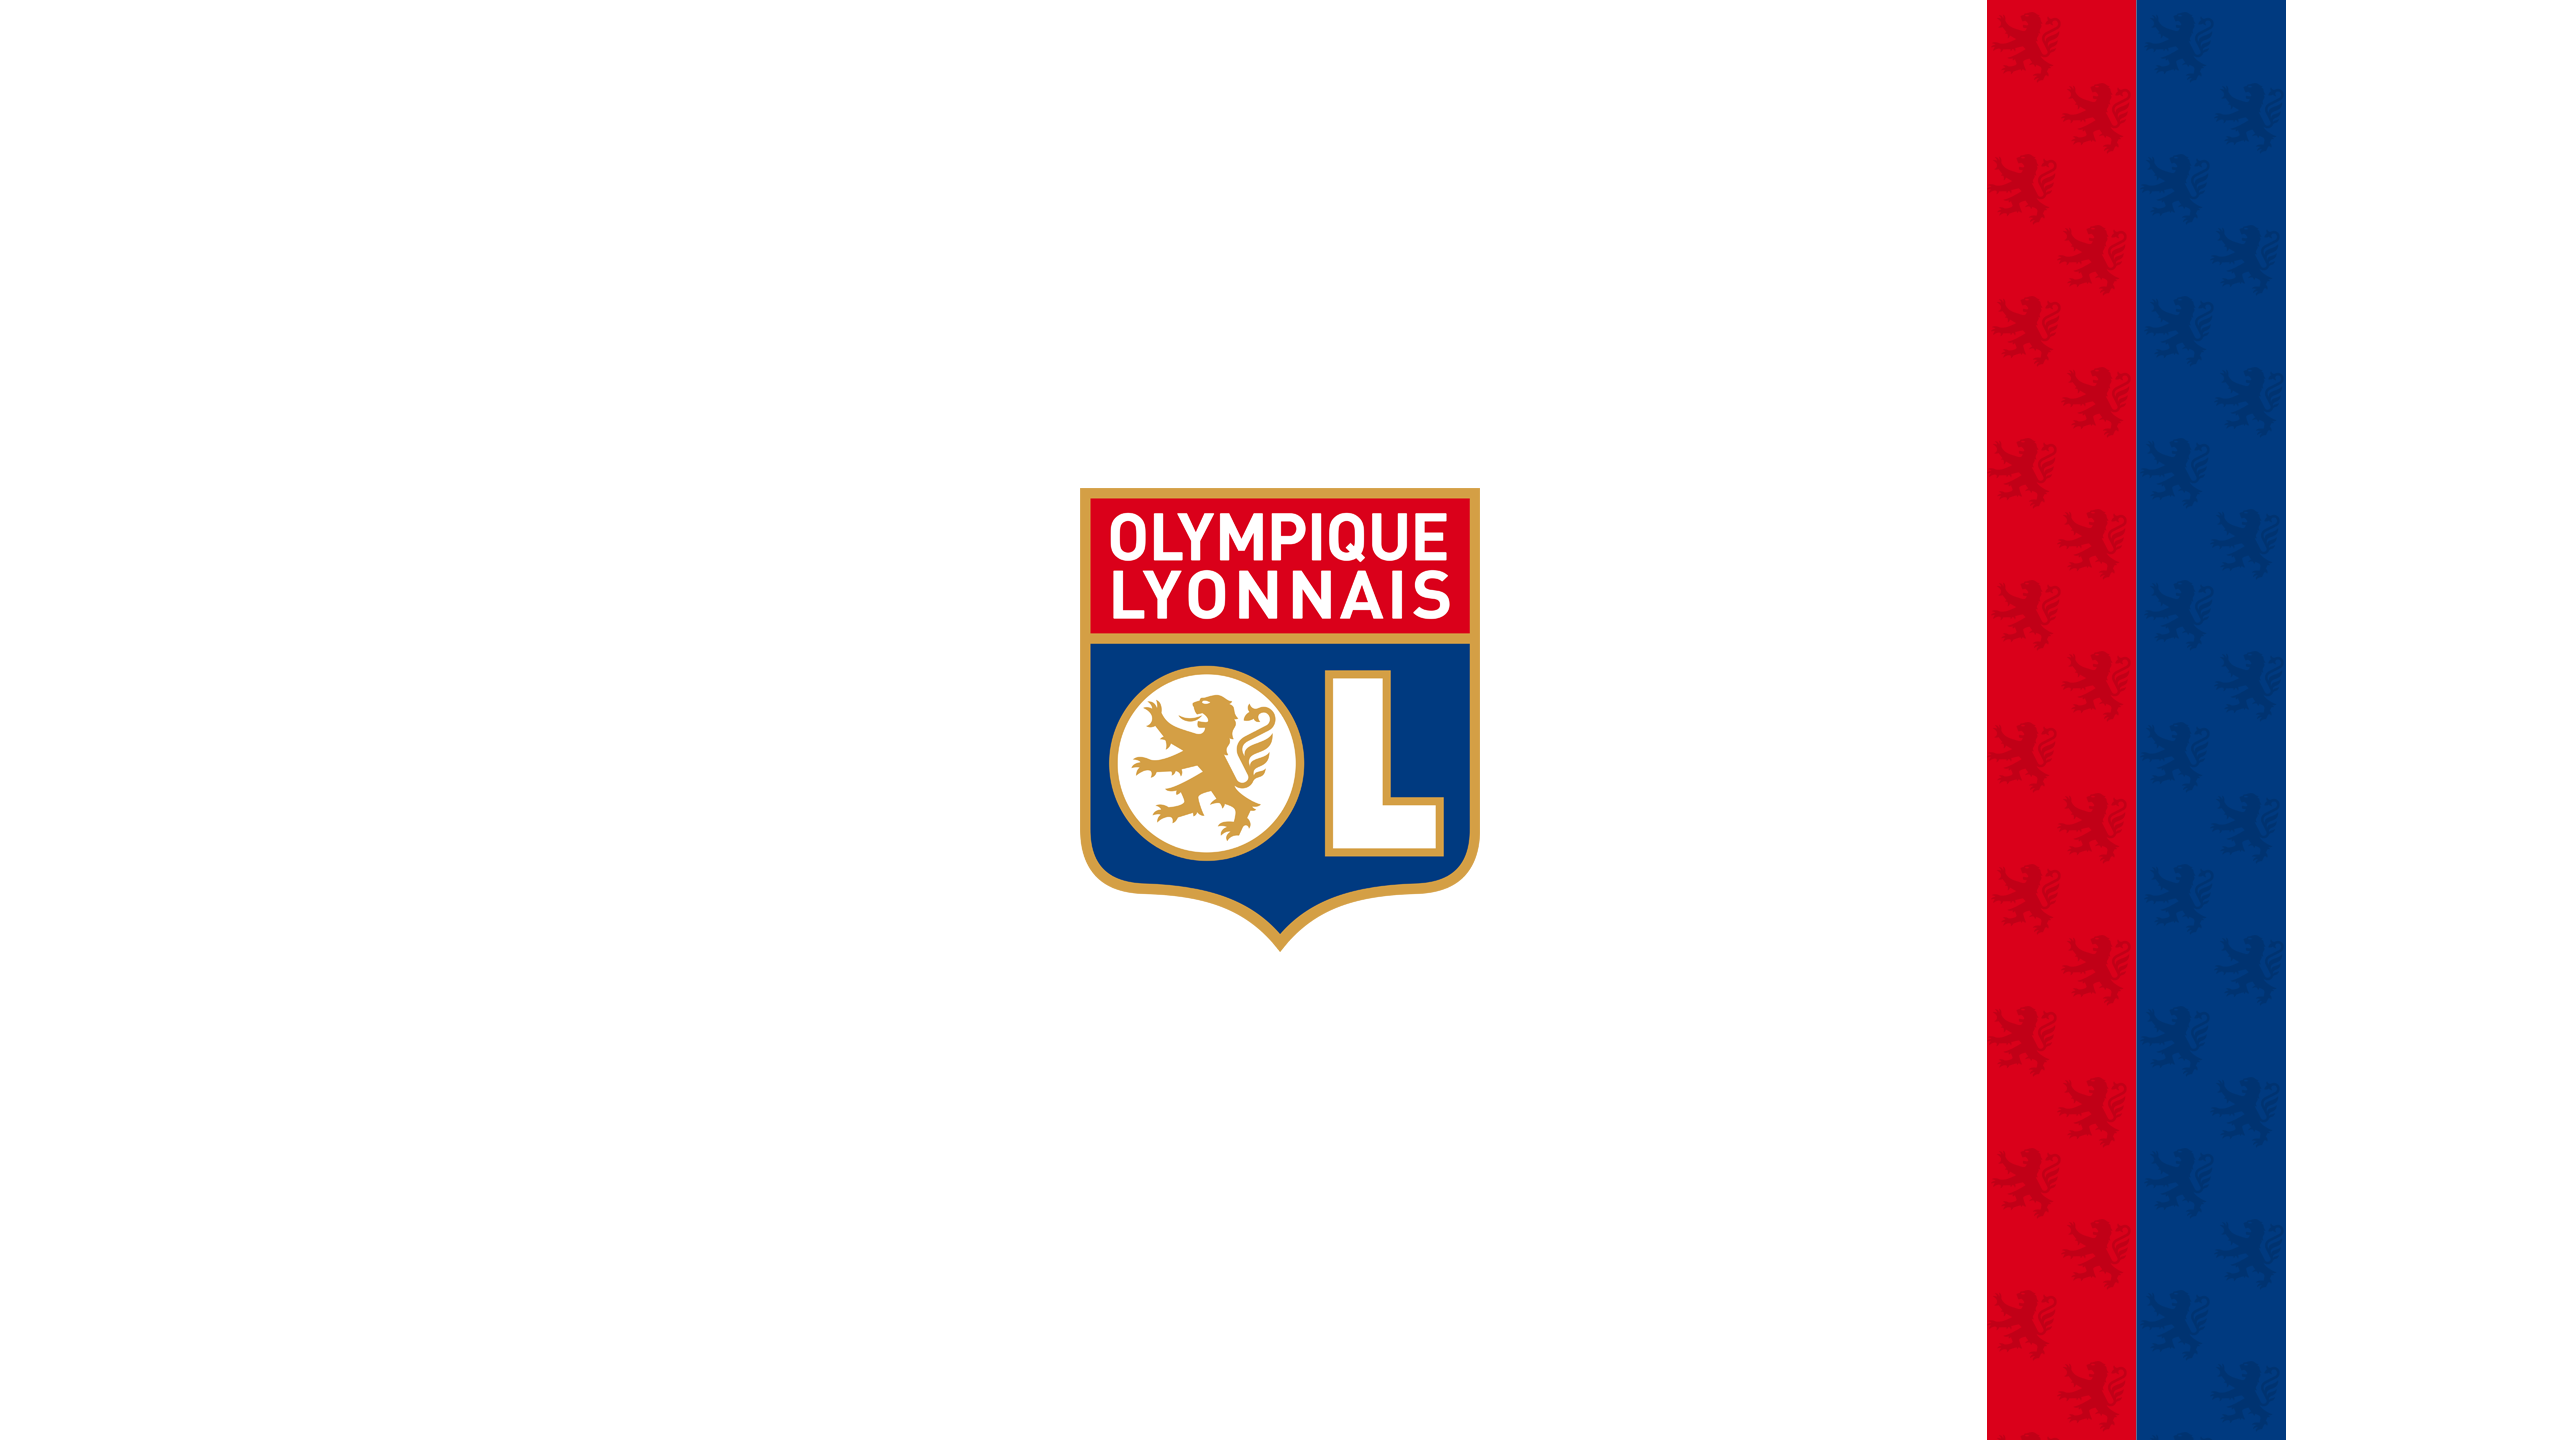 Lyon [Olympique Lyonnais]